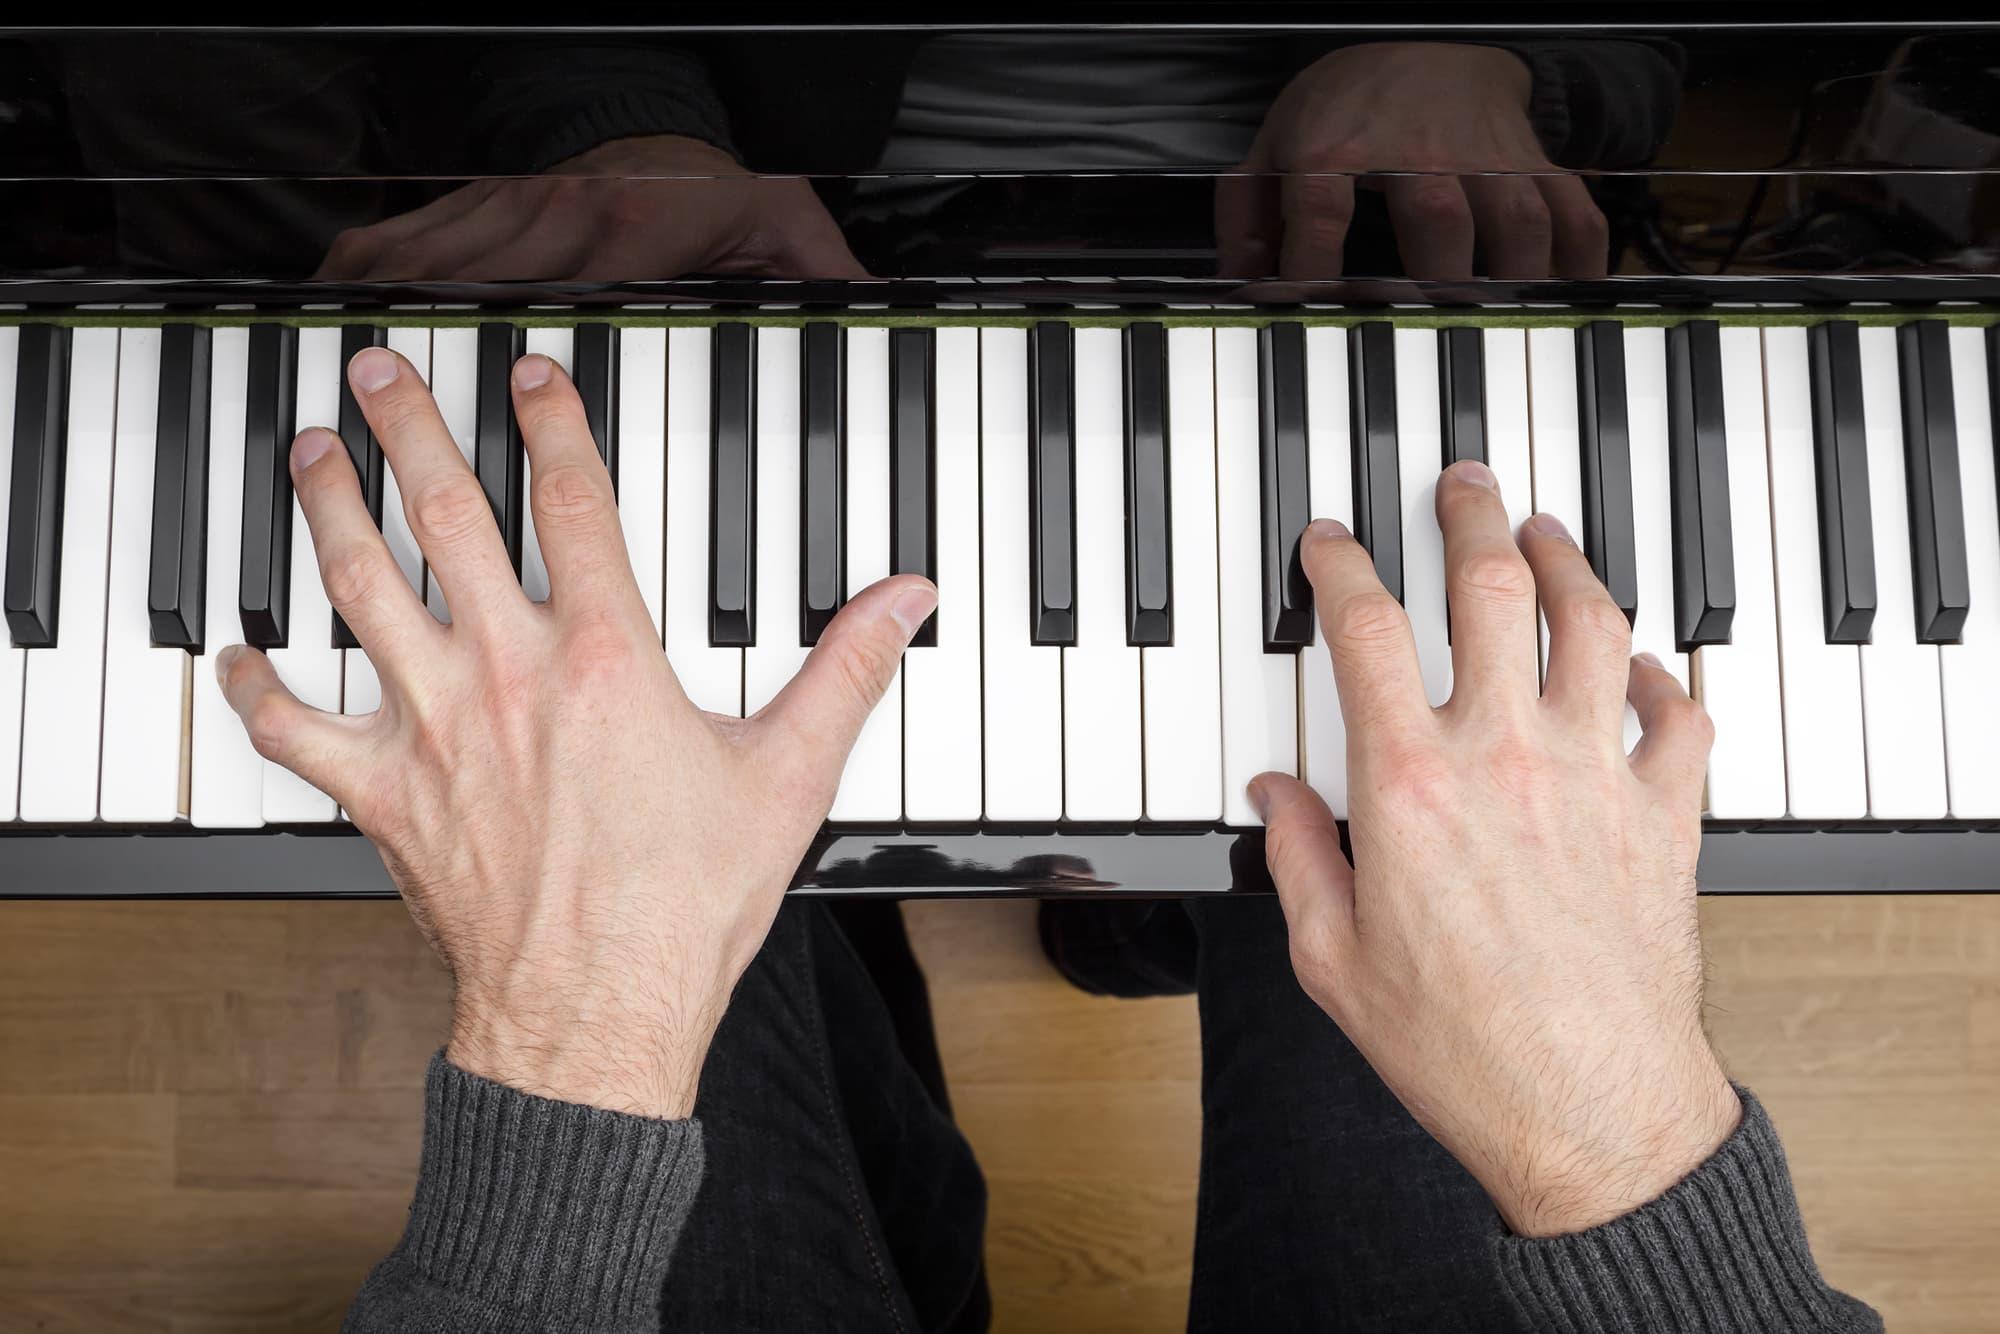 Klaviertastatur: 4 Tipps zur Klaviatur + 6 Anfängerfehler